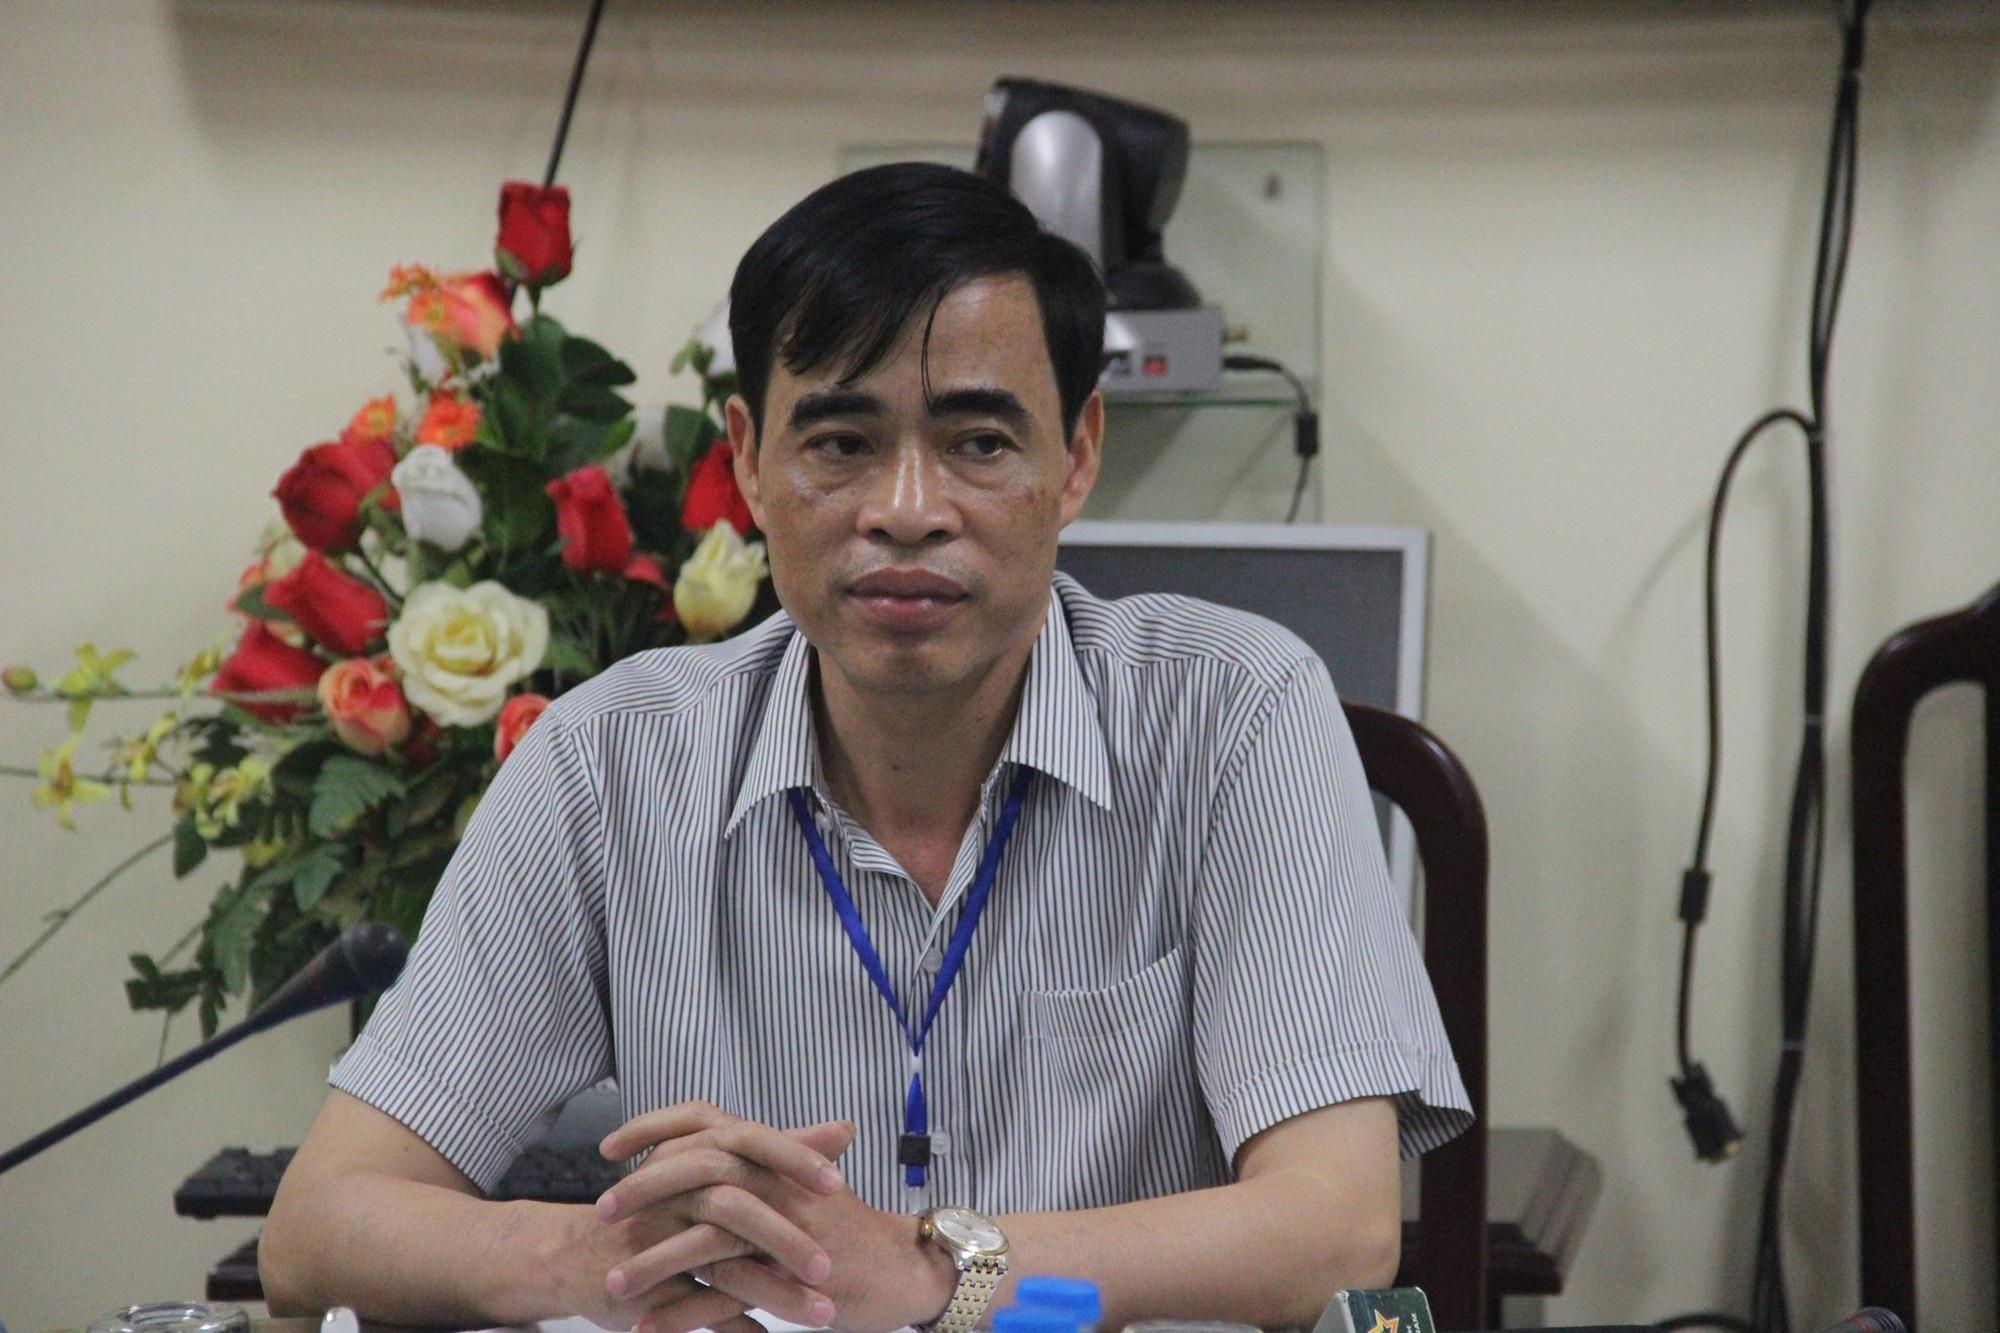 Ông Nguyễn Đức Lương, Phó Giám đốc Sở GD&ĐT Hòa Bình xác nhận, có dấu hiệu bất thường khi chấm thi trắc nghiệm kì thi THPT quốc gia 2018 tại đây. (Ảnh: H. Lam).